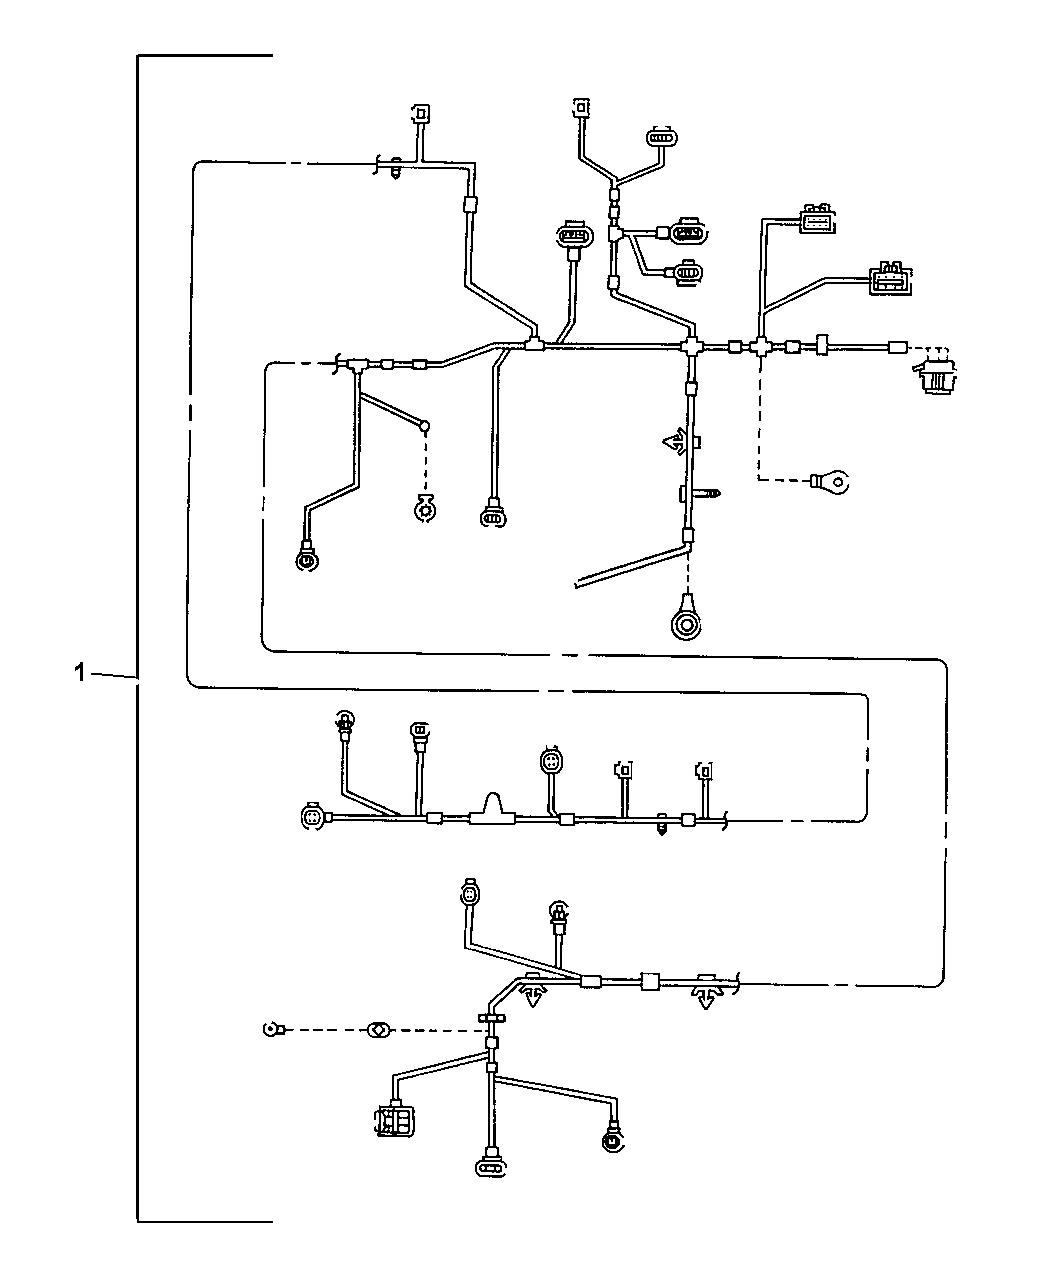 Chrysler Cirrus Wiring